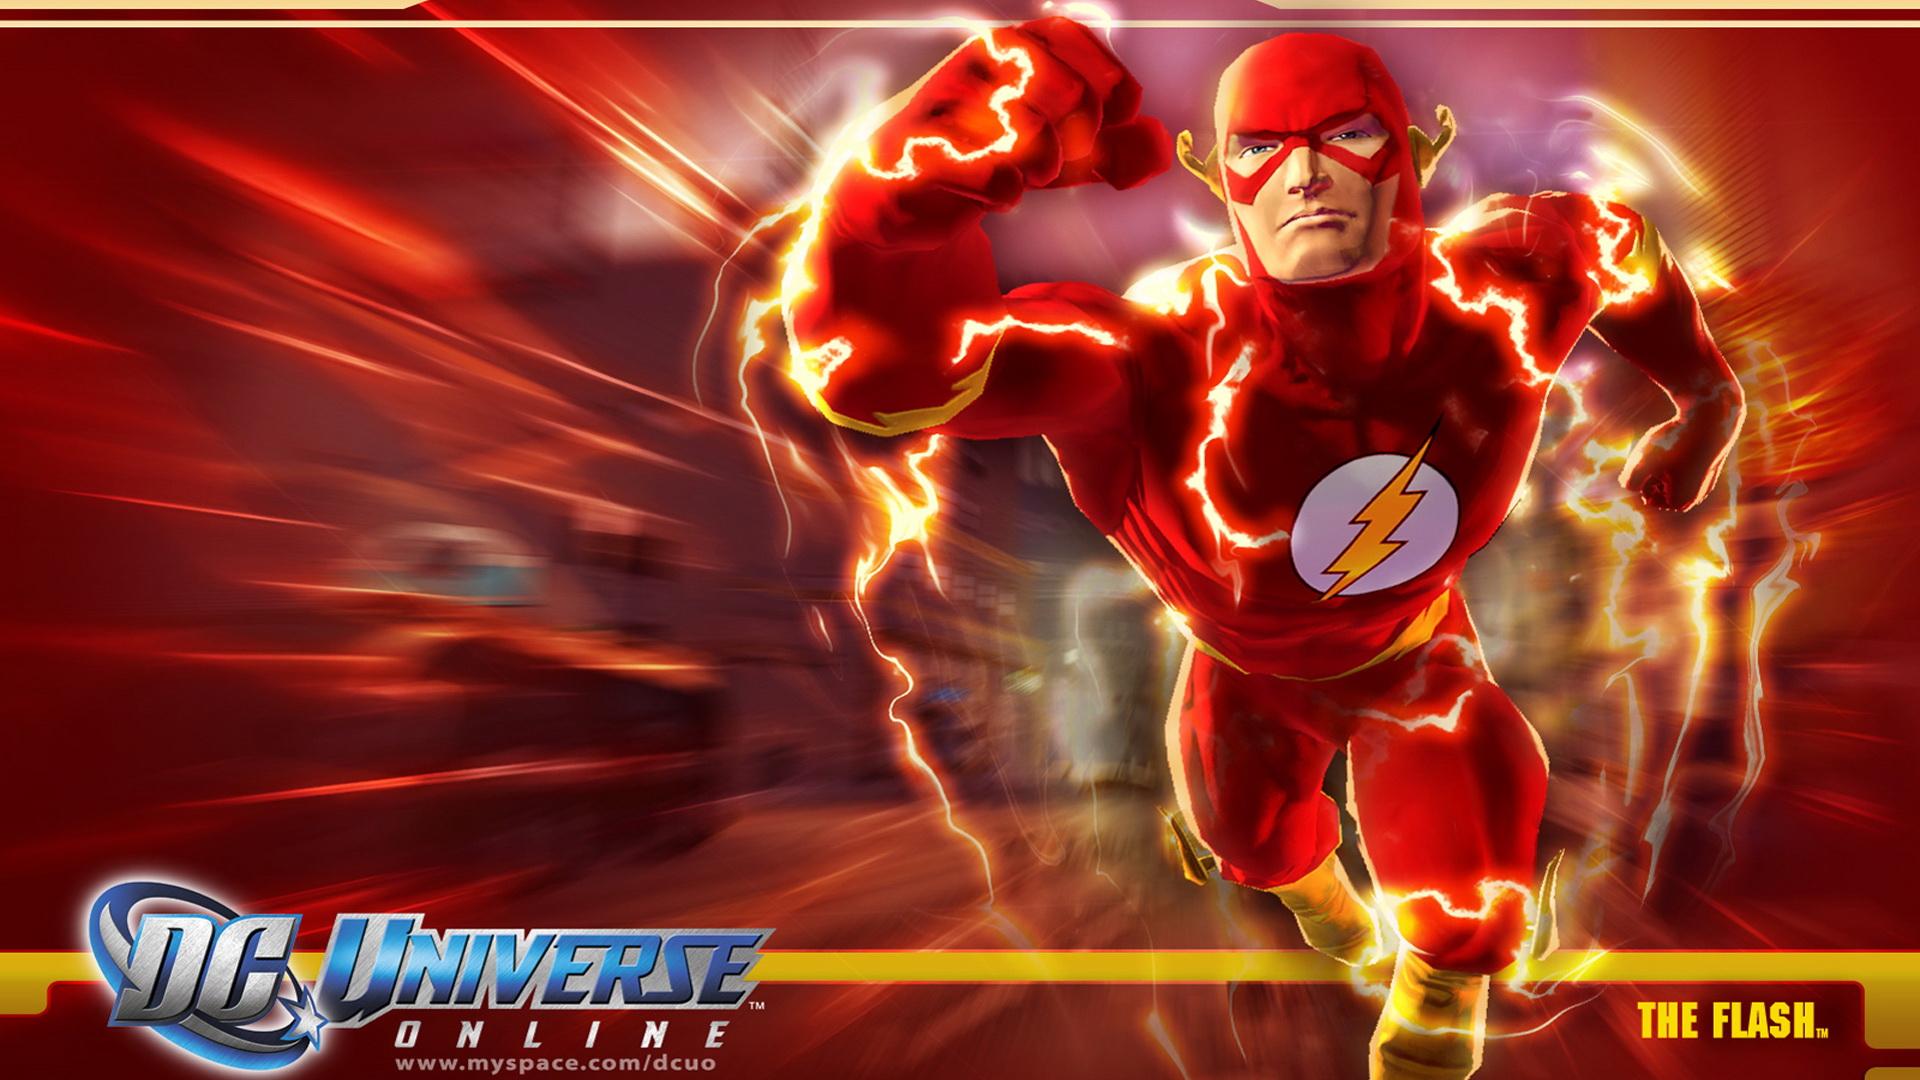 The Flash Wallpaper 1080p Wallpapersafari